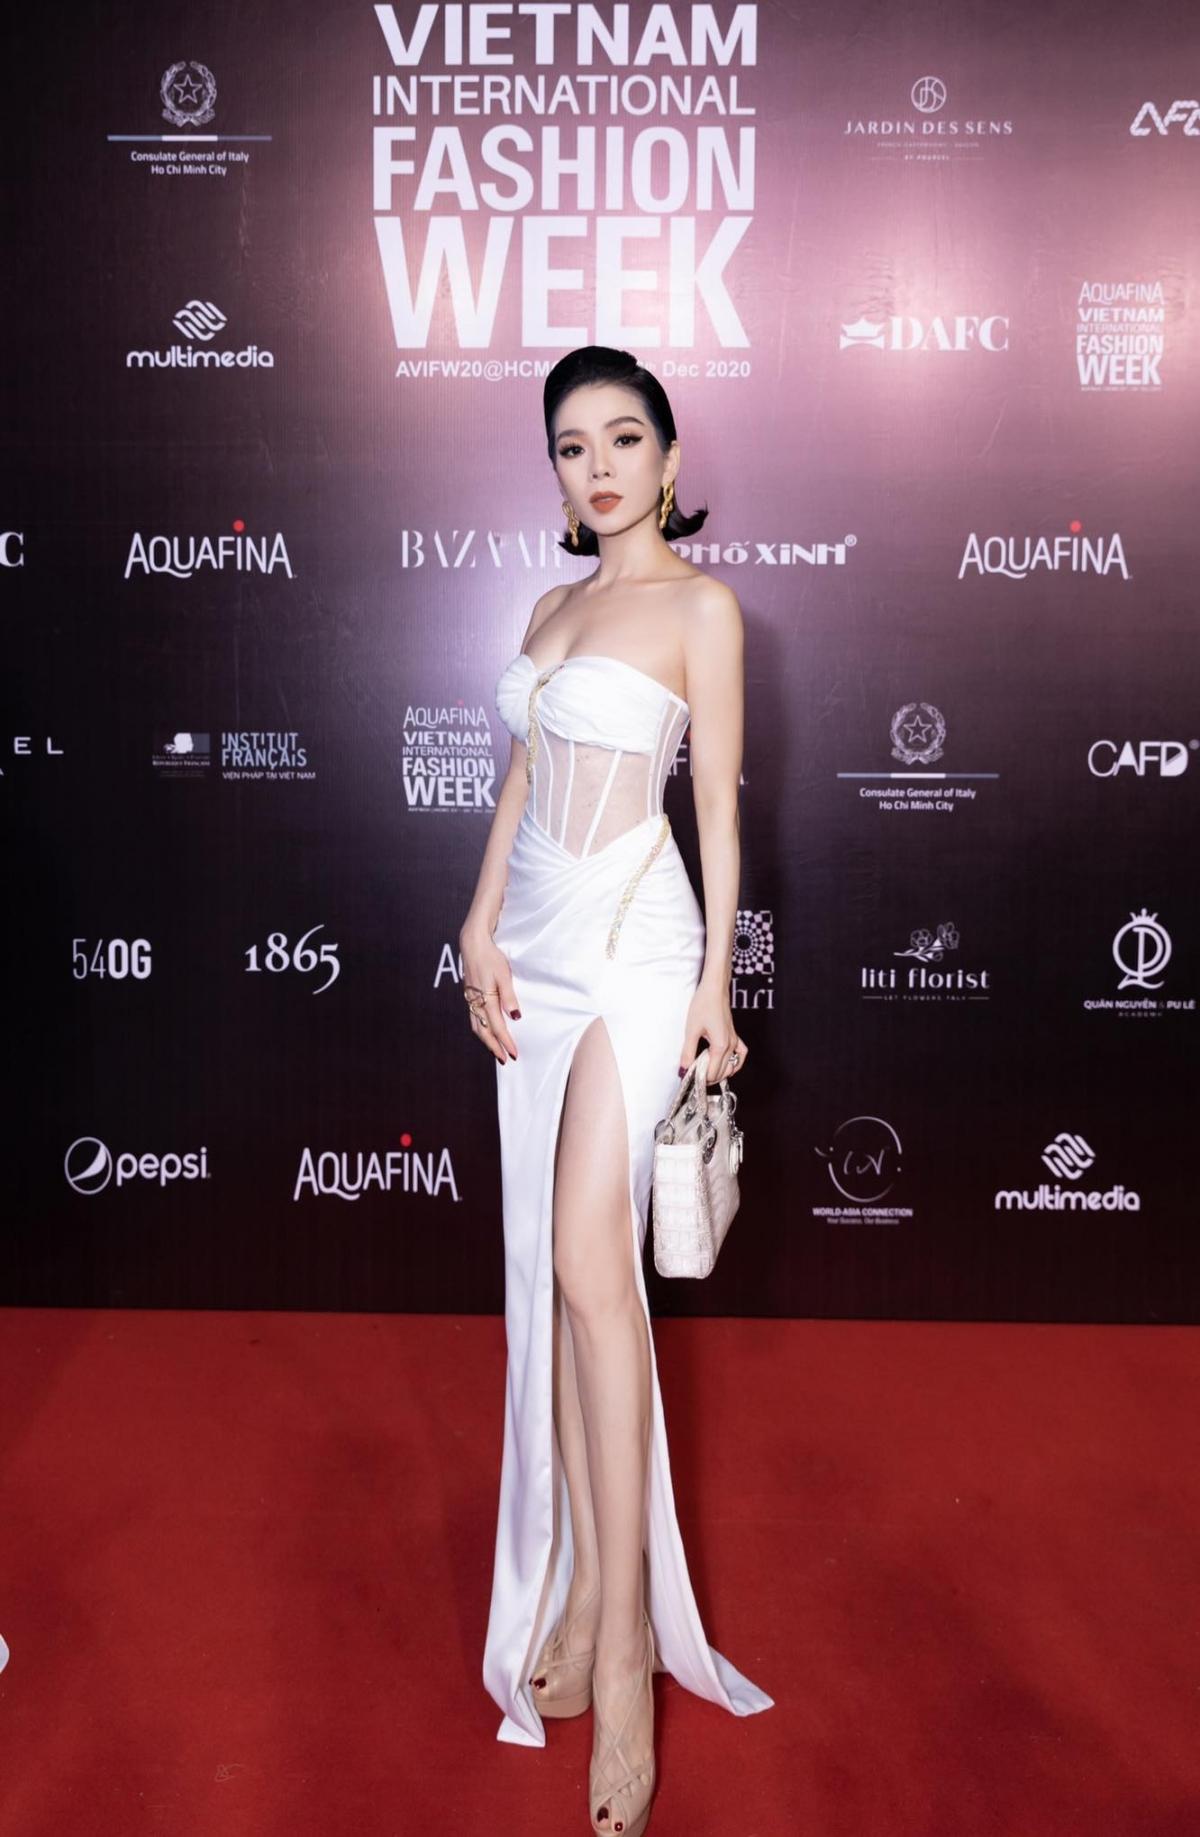 Khi đi sự tiệc, cô chuộng trang phục khoe tối đa chân dài.